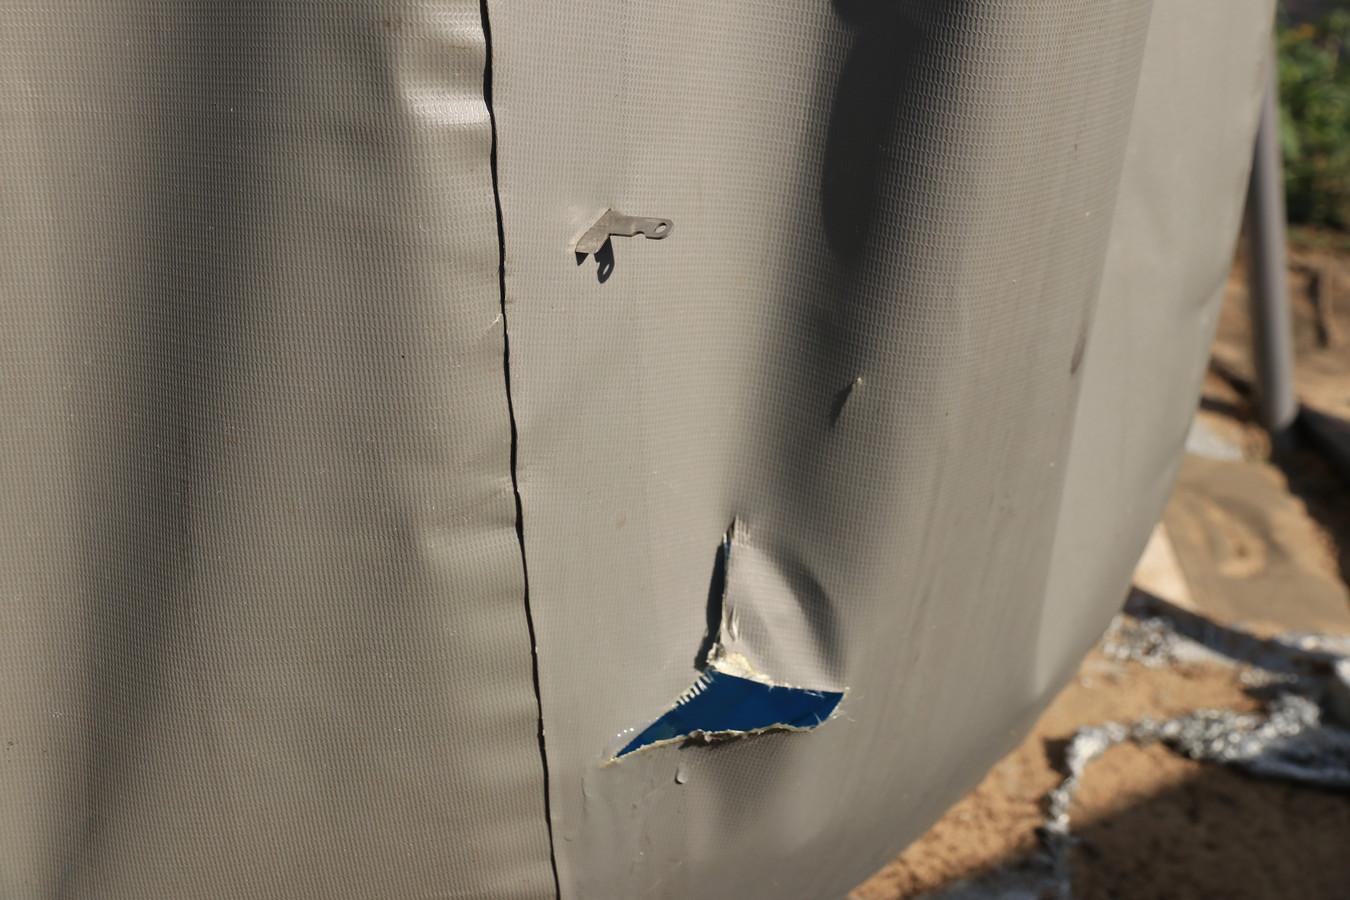 Het lemmet van het mes bleef in de wand van het zwembad steken.